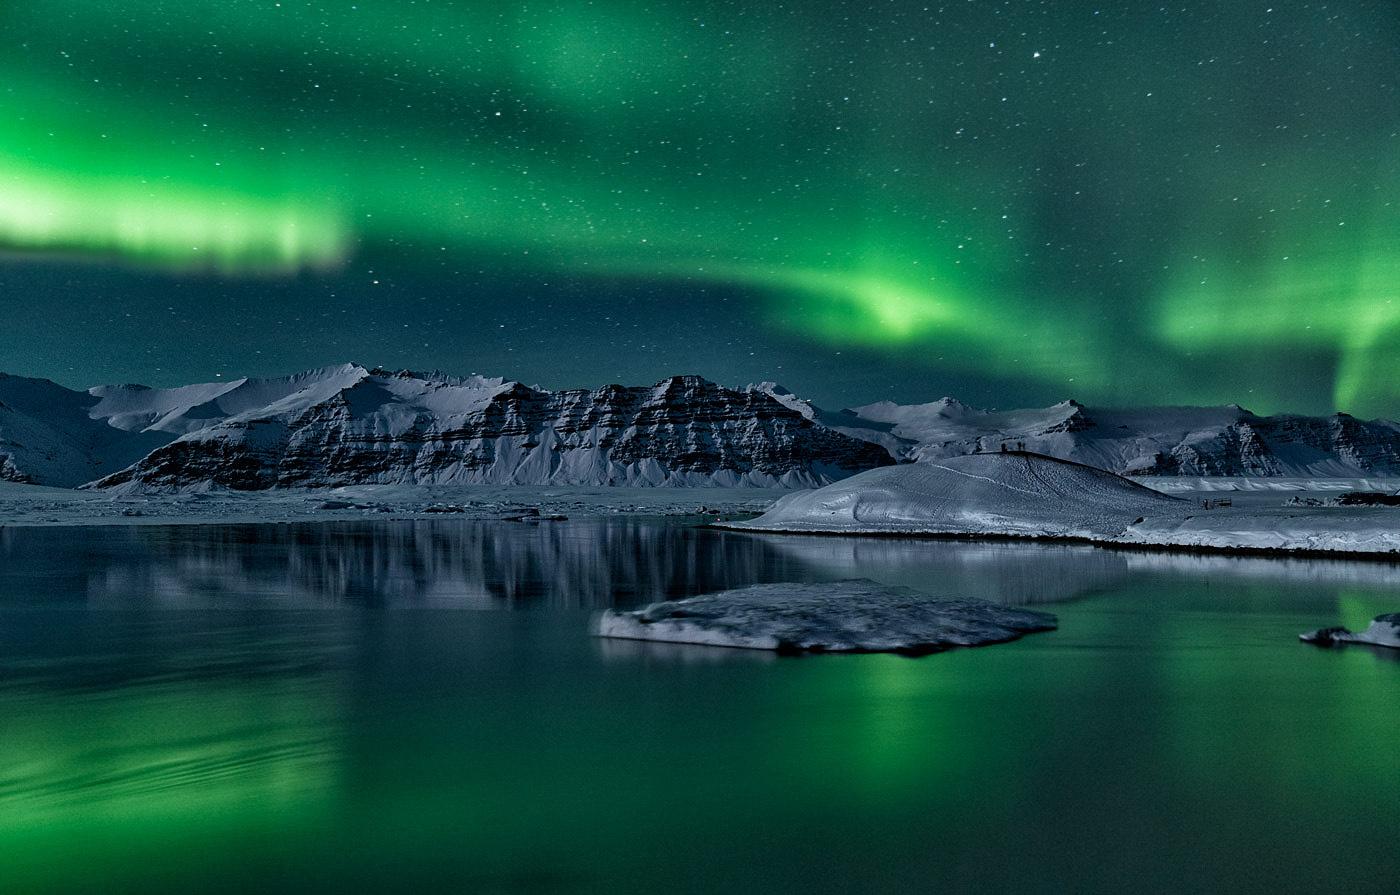 Ночь в Ледяной лагуне / Йокульсарлон (Ледяная лагуна), Исландия